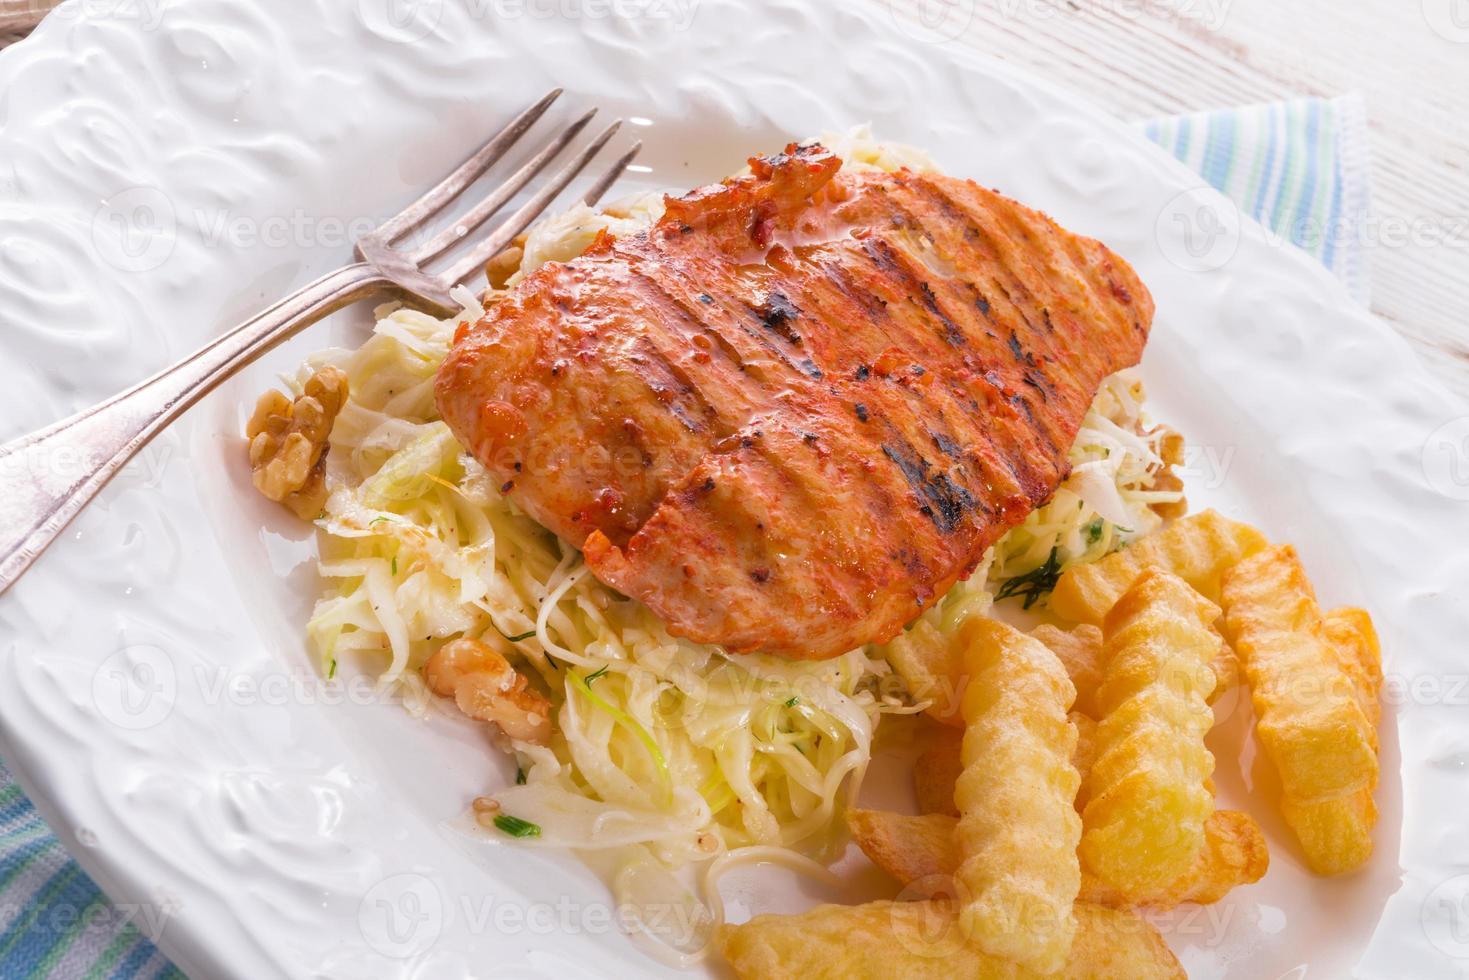 grillad kyckling, kålsallad med nötter och chips foto